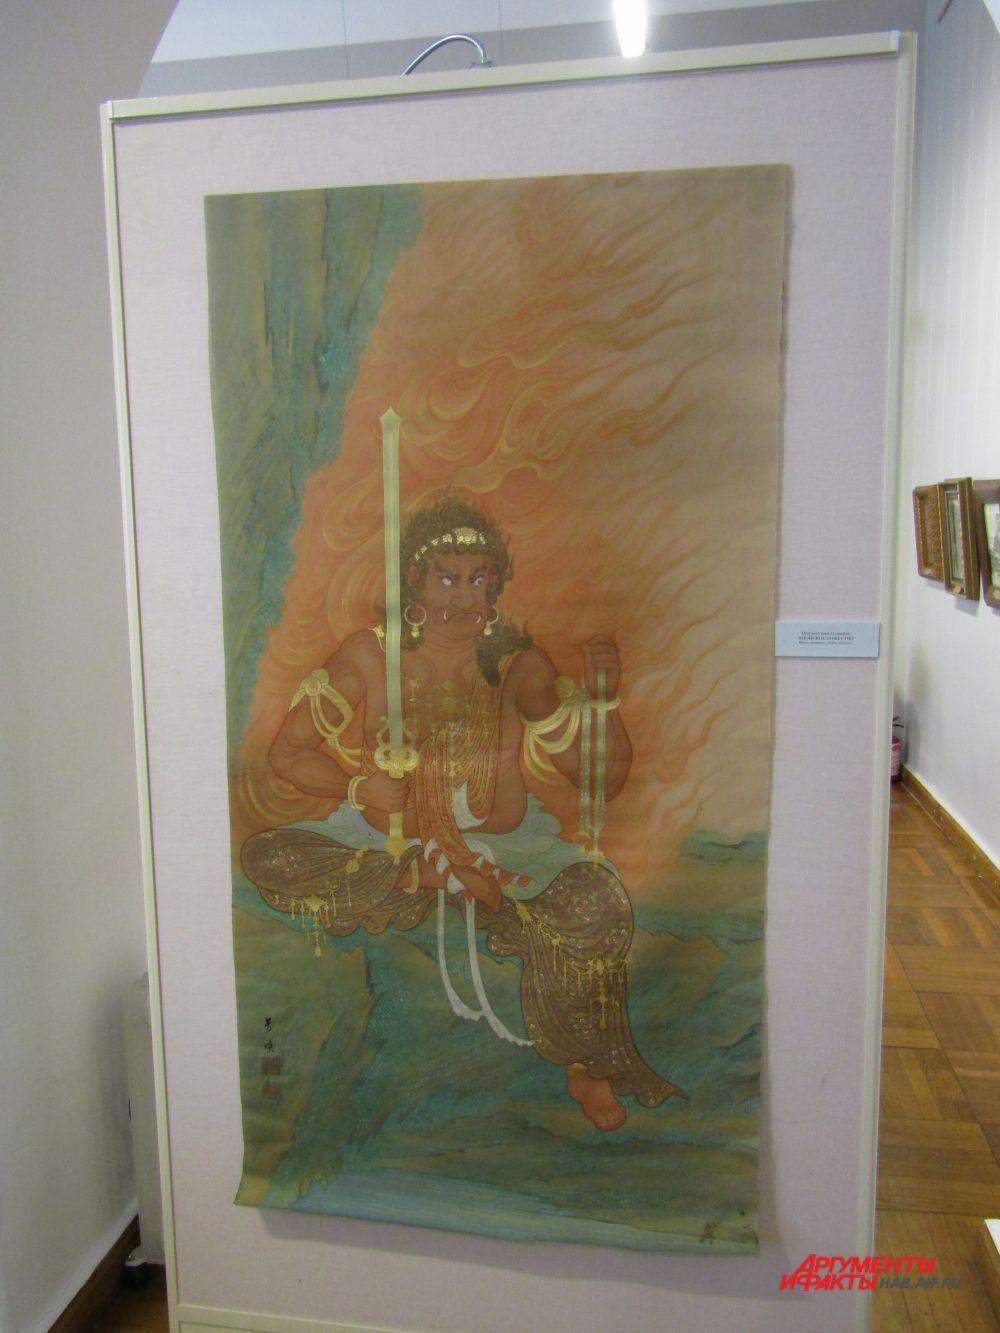 Картина выполнена на шёлке. Кто точно изображён на полотне неизвестно, предположительно один из воинствующих синтоистских богов.